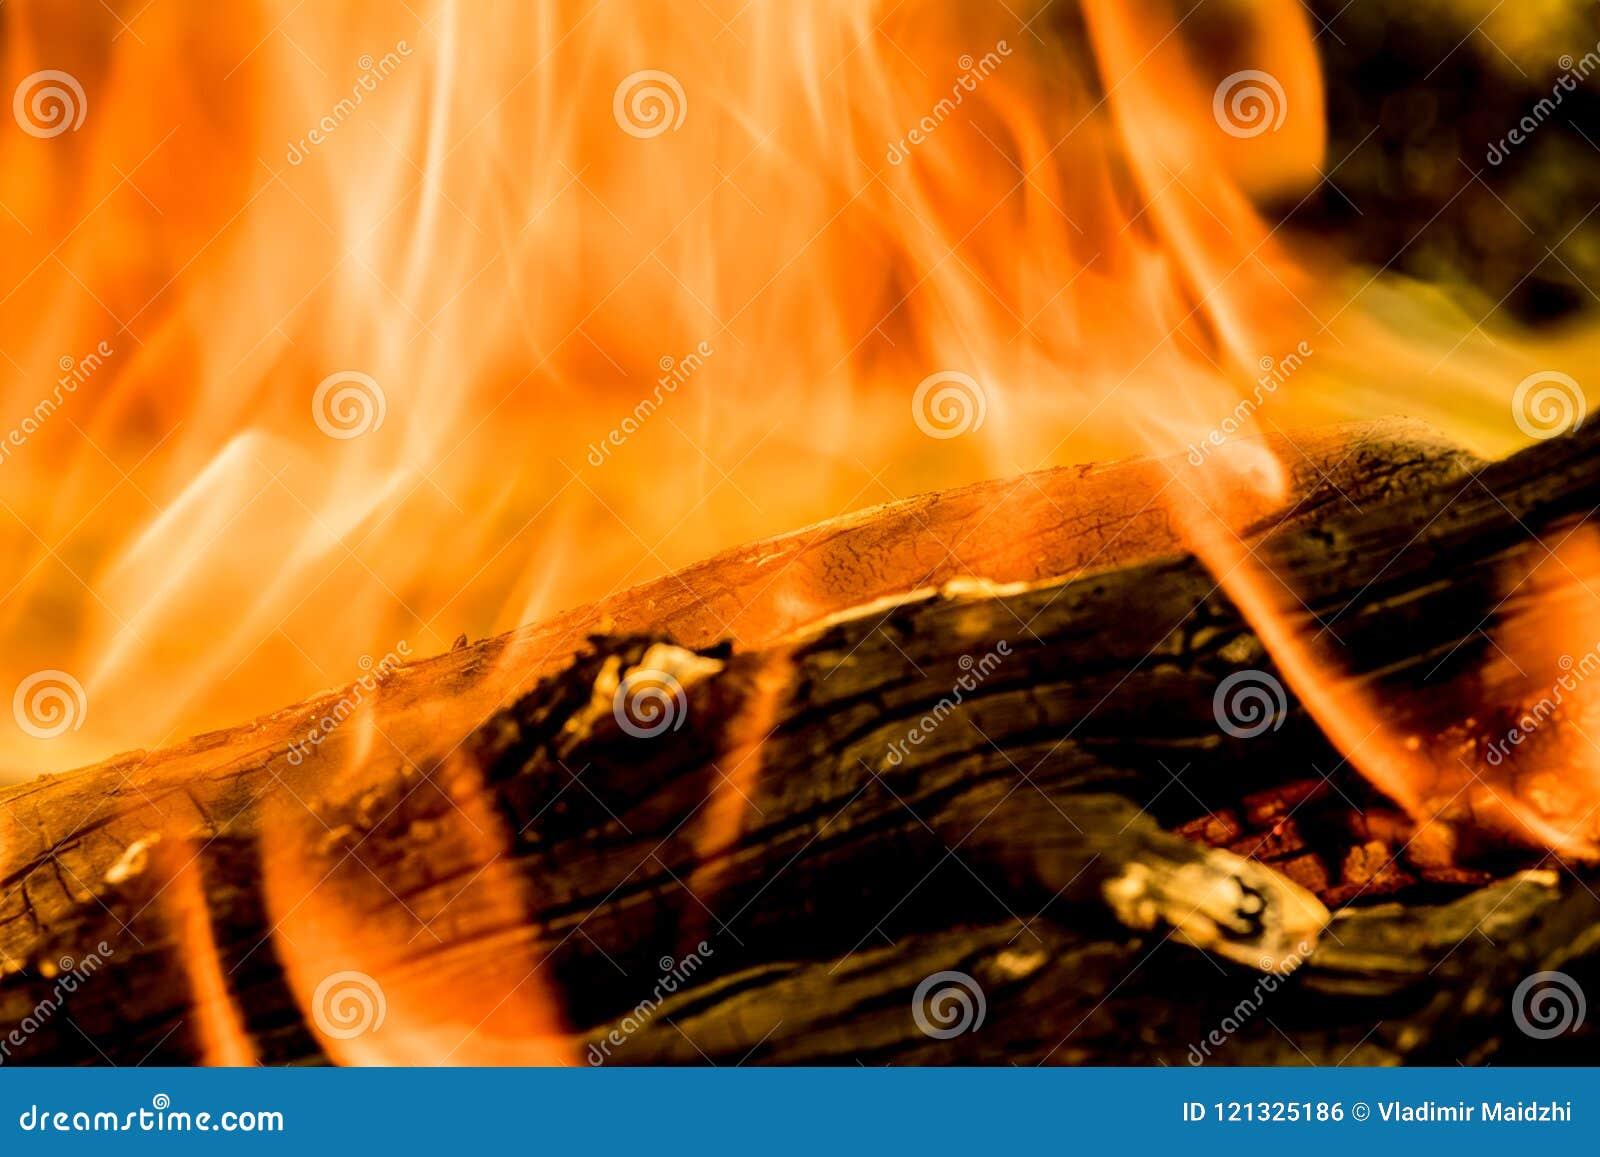 De achtergrond of de textuur van het branden van brand, rook, hout, as en steenkool